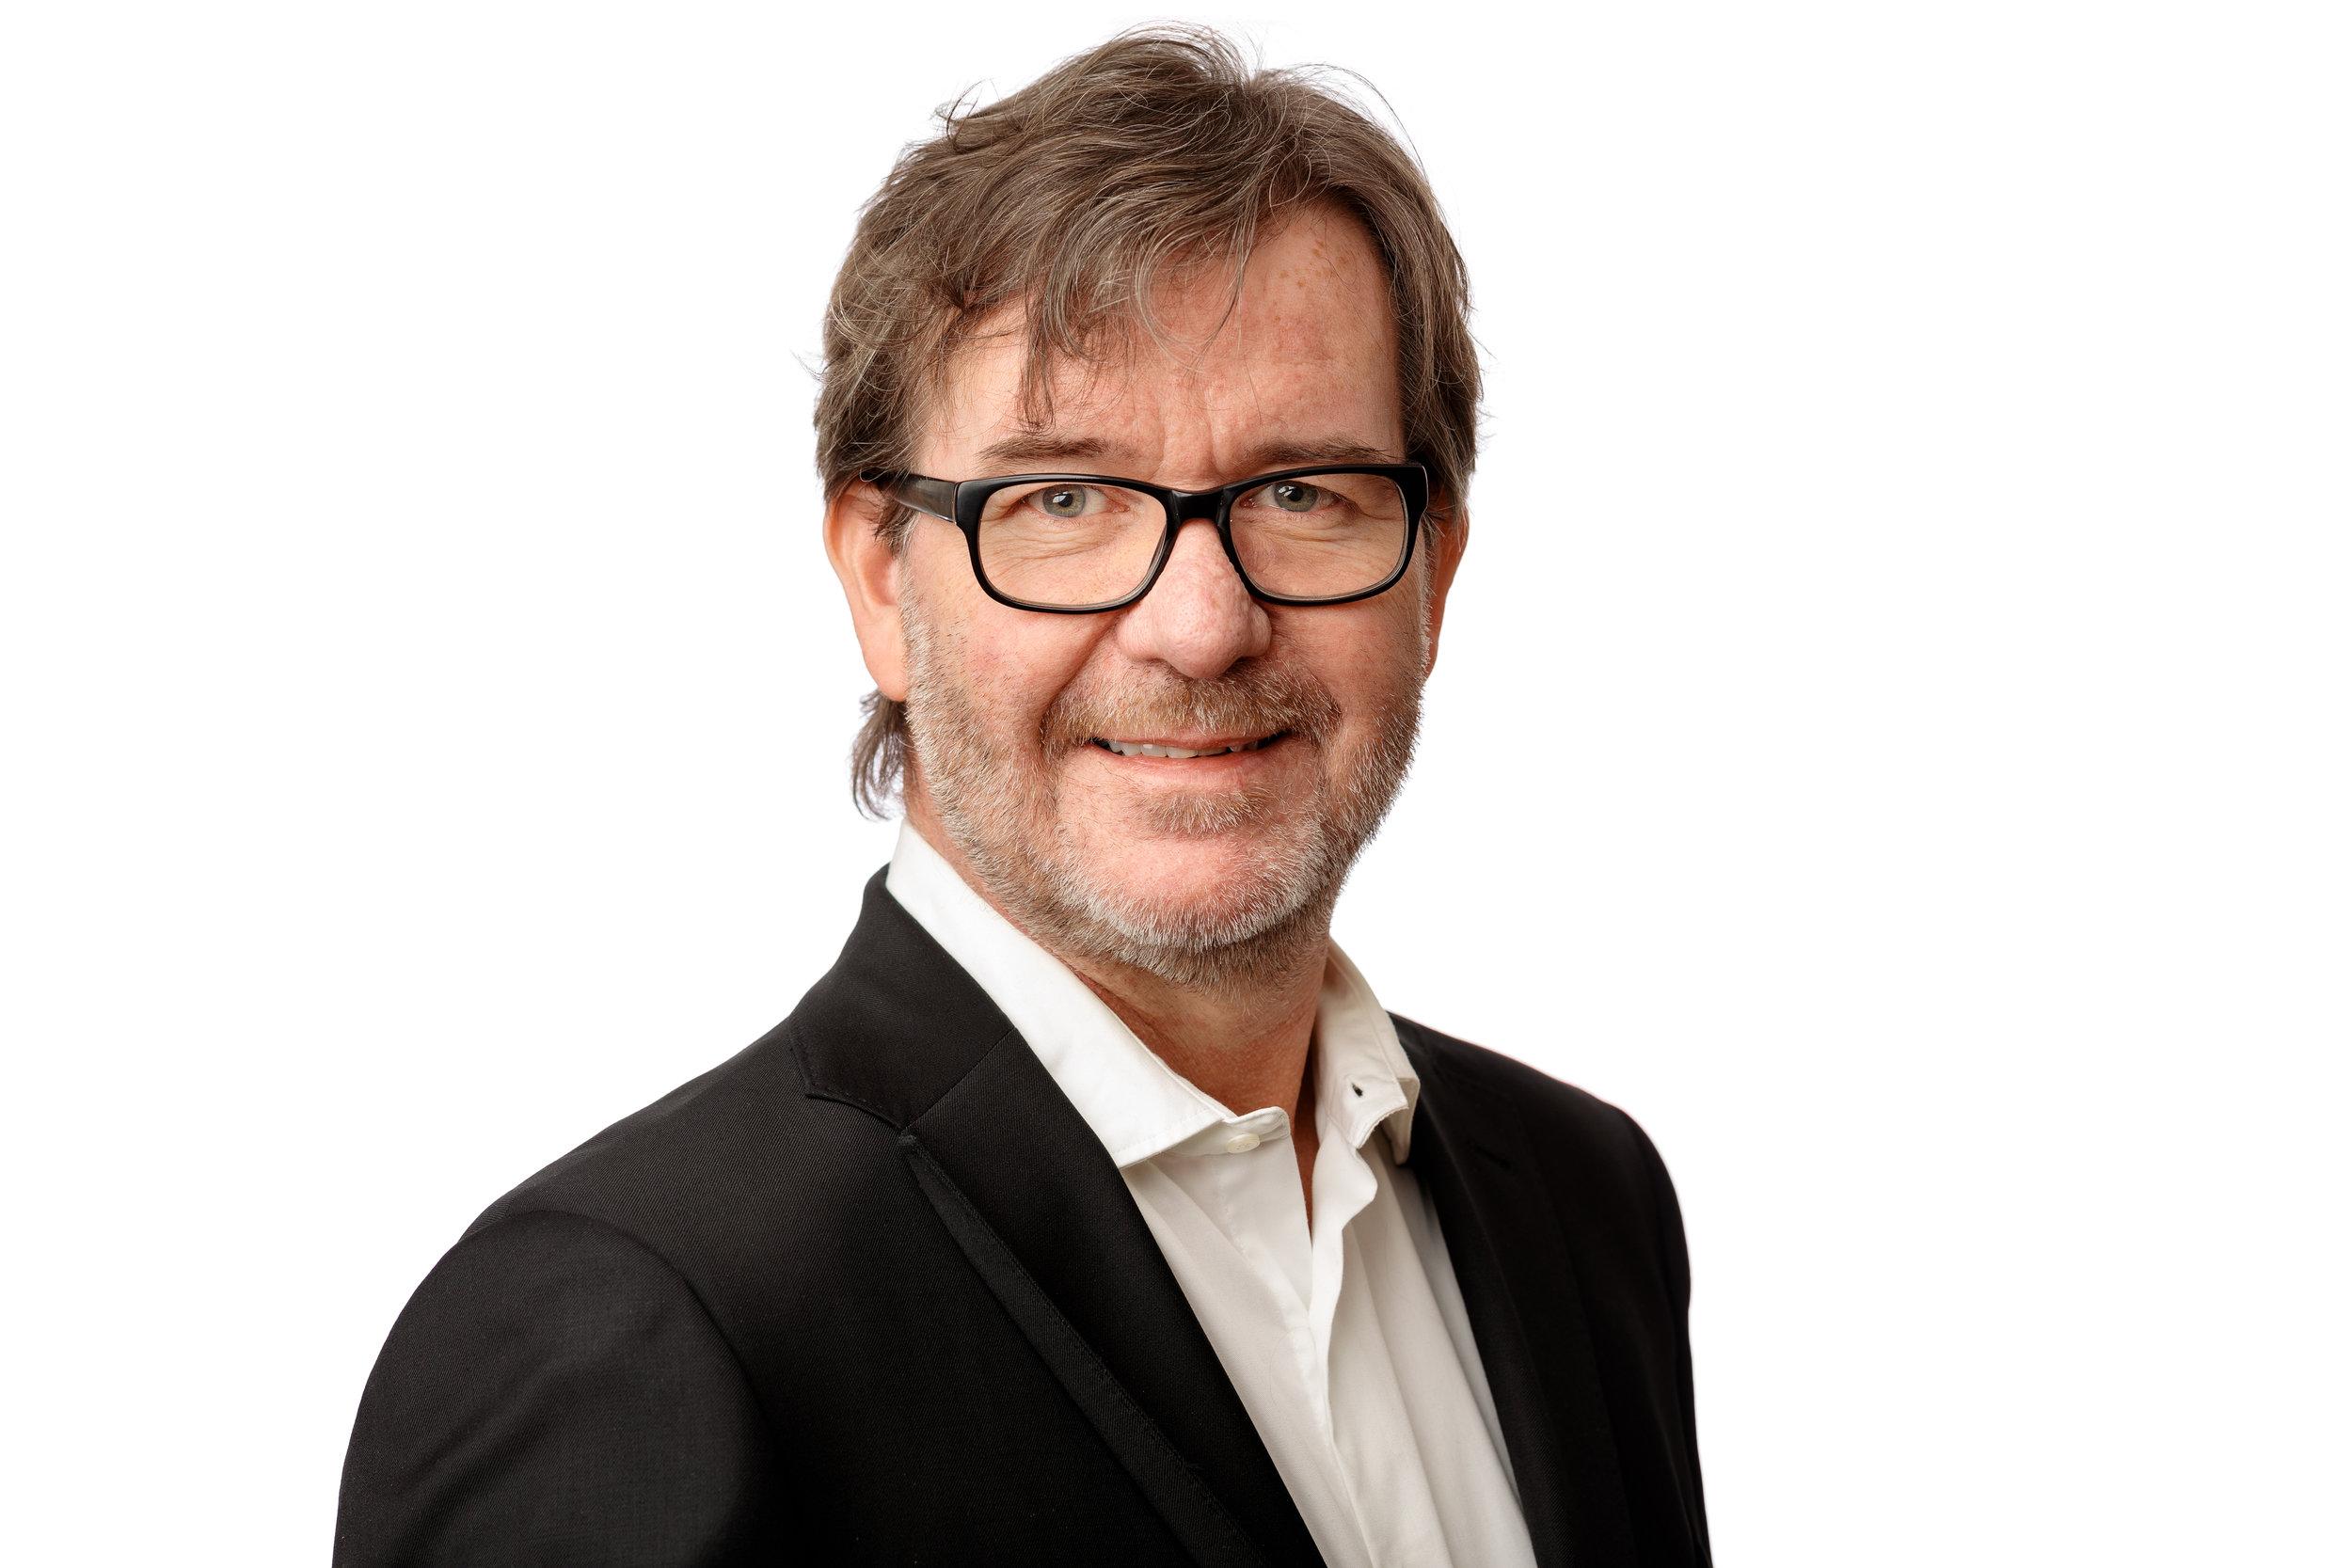 Robert Nilsson - StyrelseordförandeFödd: 1966Nuvarande Befattning: KonsultTidigare befattningar: IP-Only, iTux, Svenska Stadsnät, Teracom Broadband, Wireless Maingate, Vodafone, Sting Networks, Kabelvision mfl.